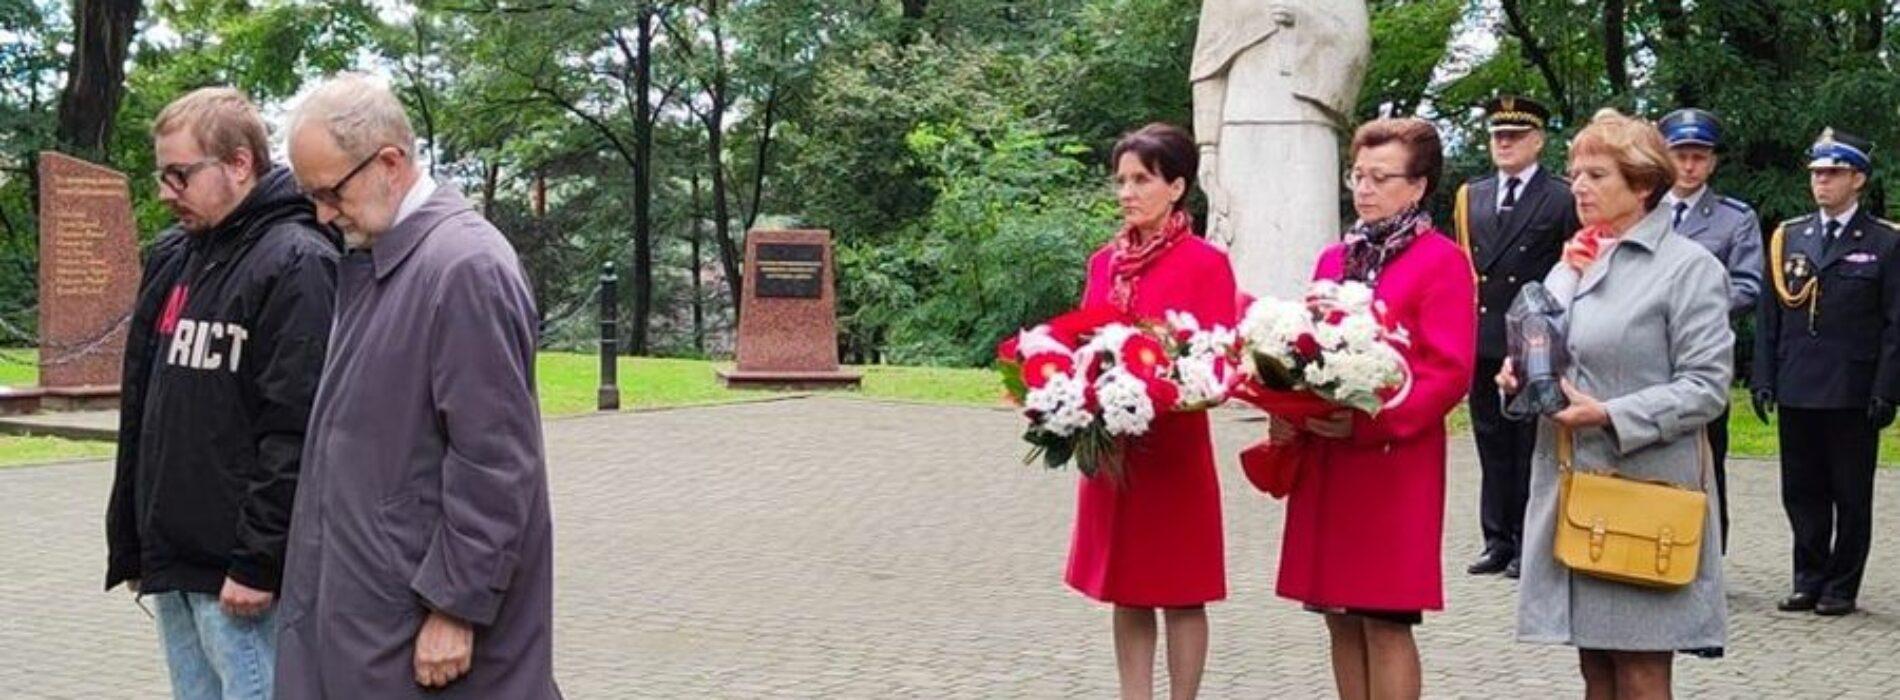 Minęła 82. rocznica wybuchu II wojny światowej